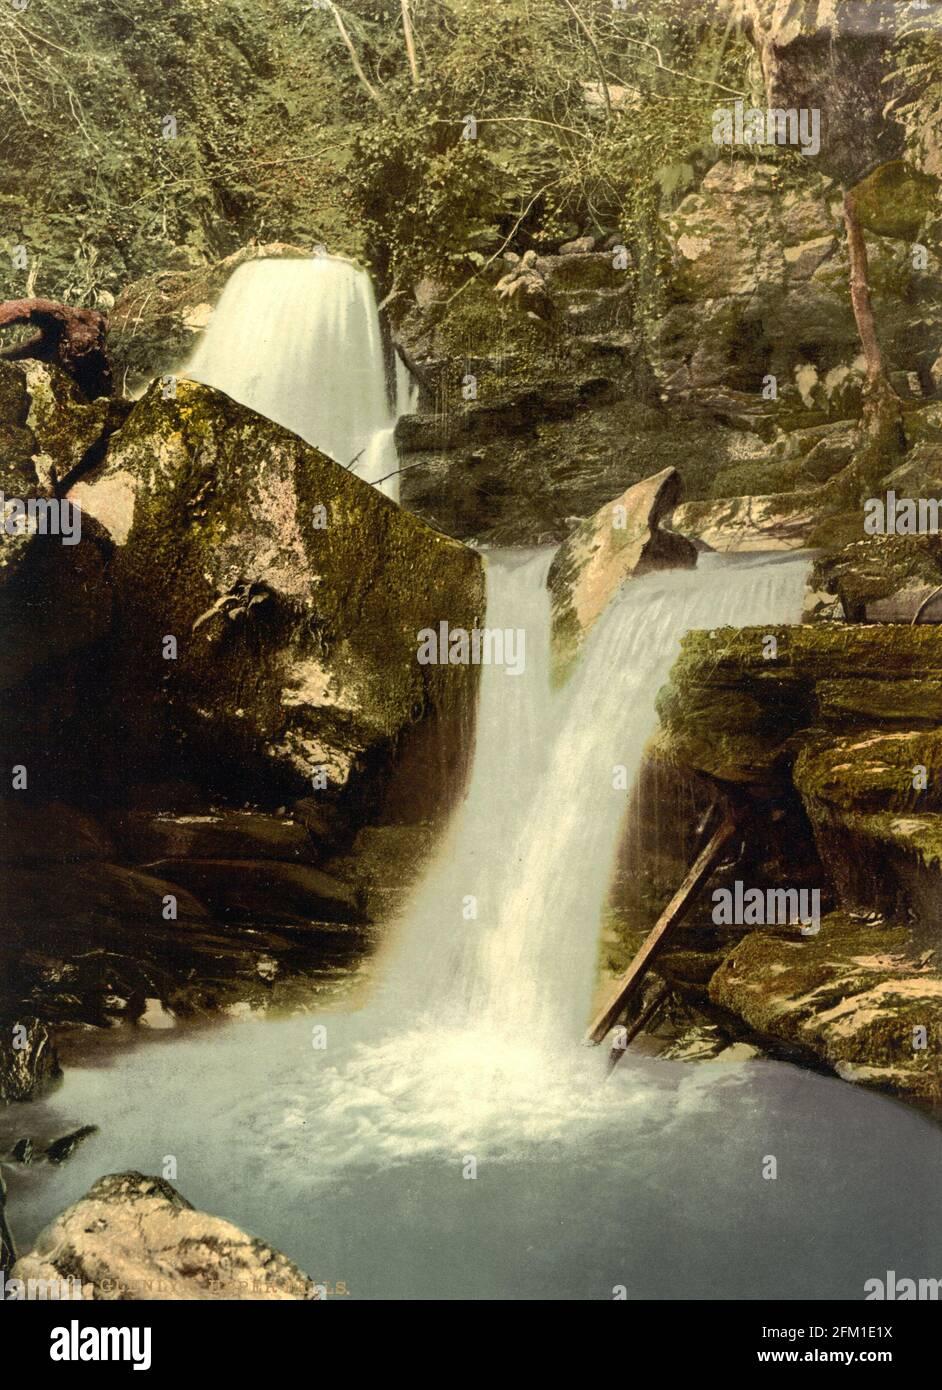 Les Upper Falls de Glen Lyn gorge près de Lynmouth in Devin vers 1890-1900 Banque D'Images